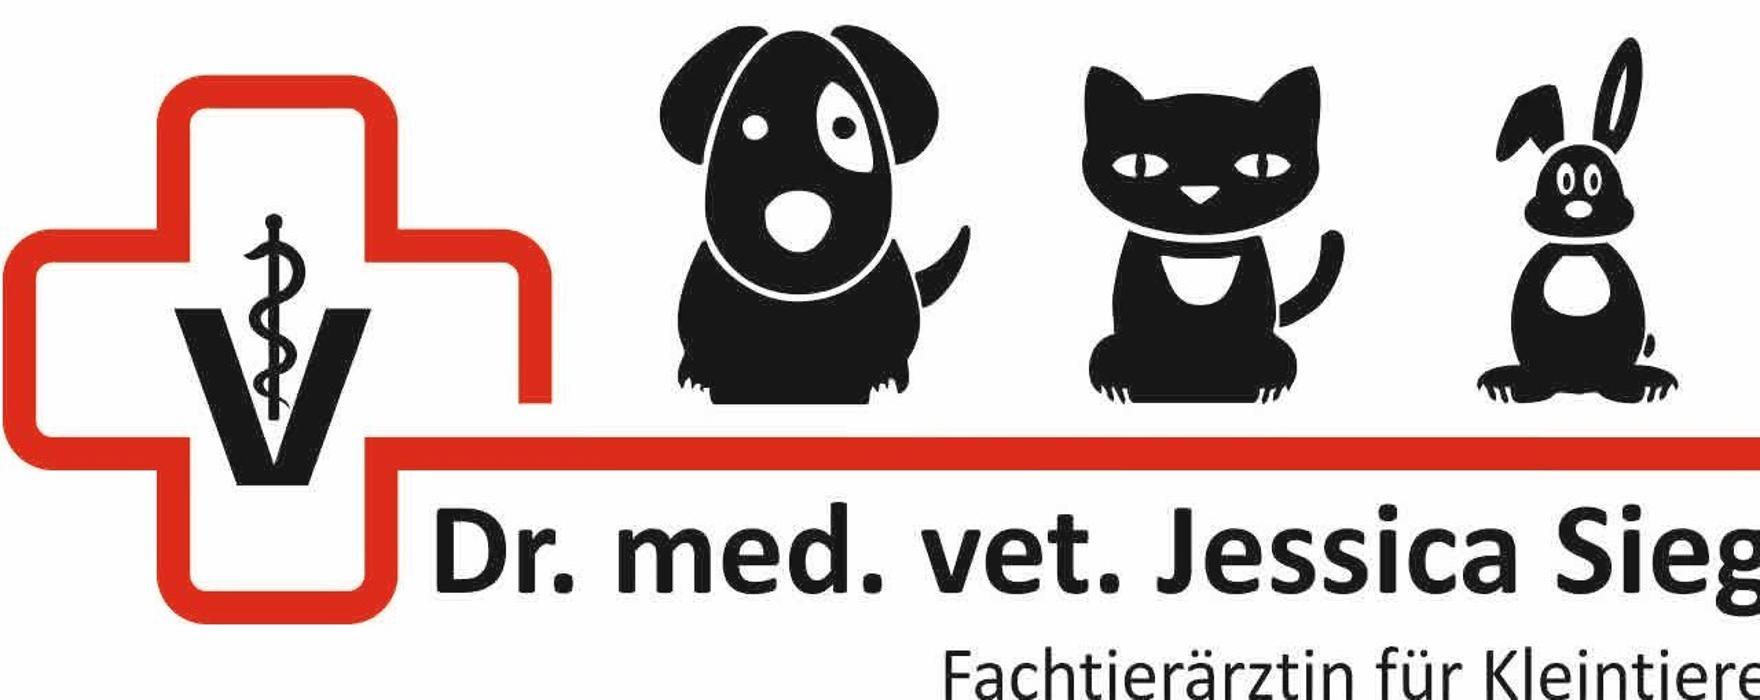 Bild zu Tierarztpraxis Dr. Jessica Sieg -Fachtierärztin für Kleintiere in Wermelskirchen